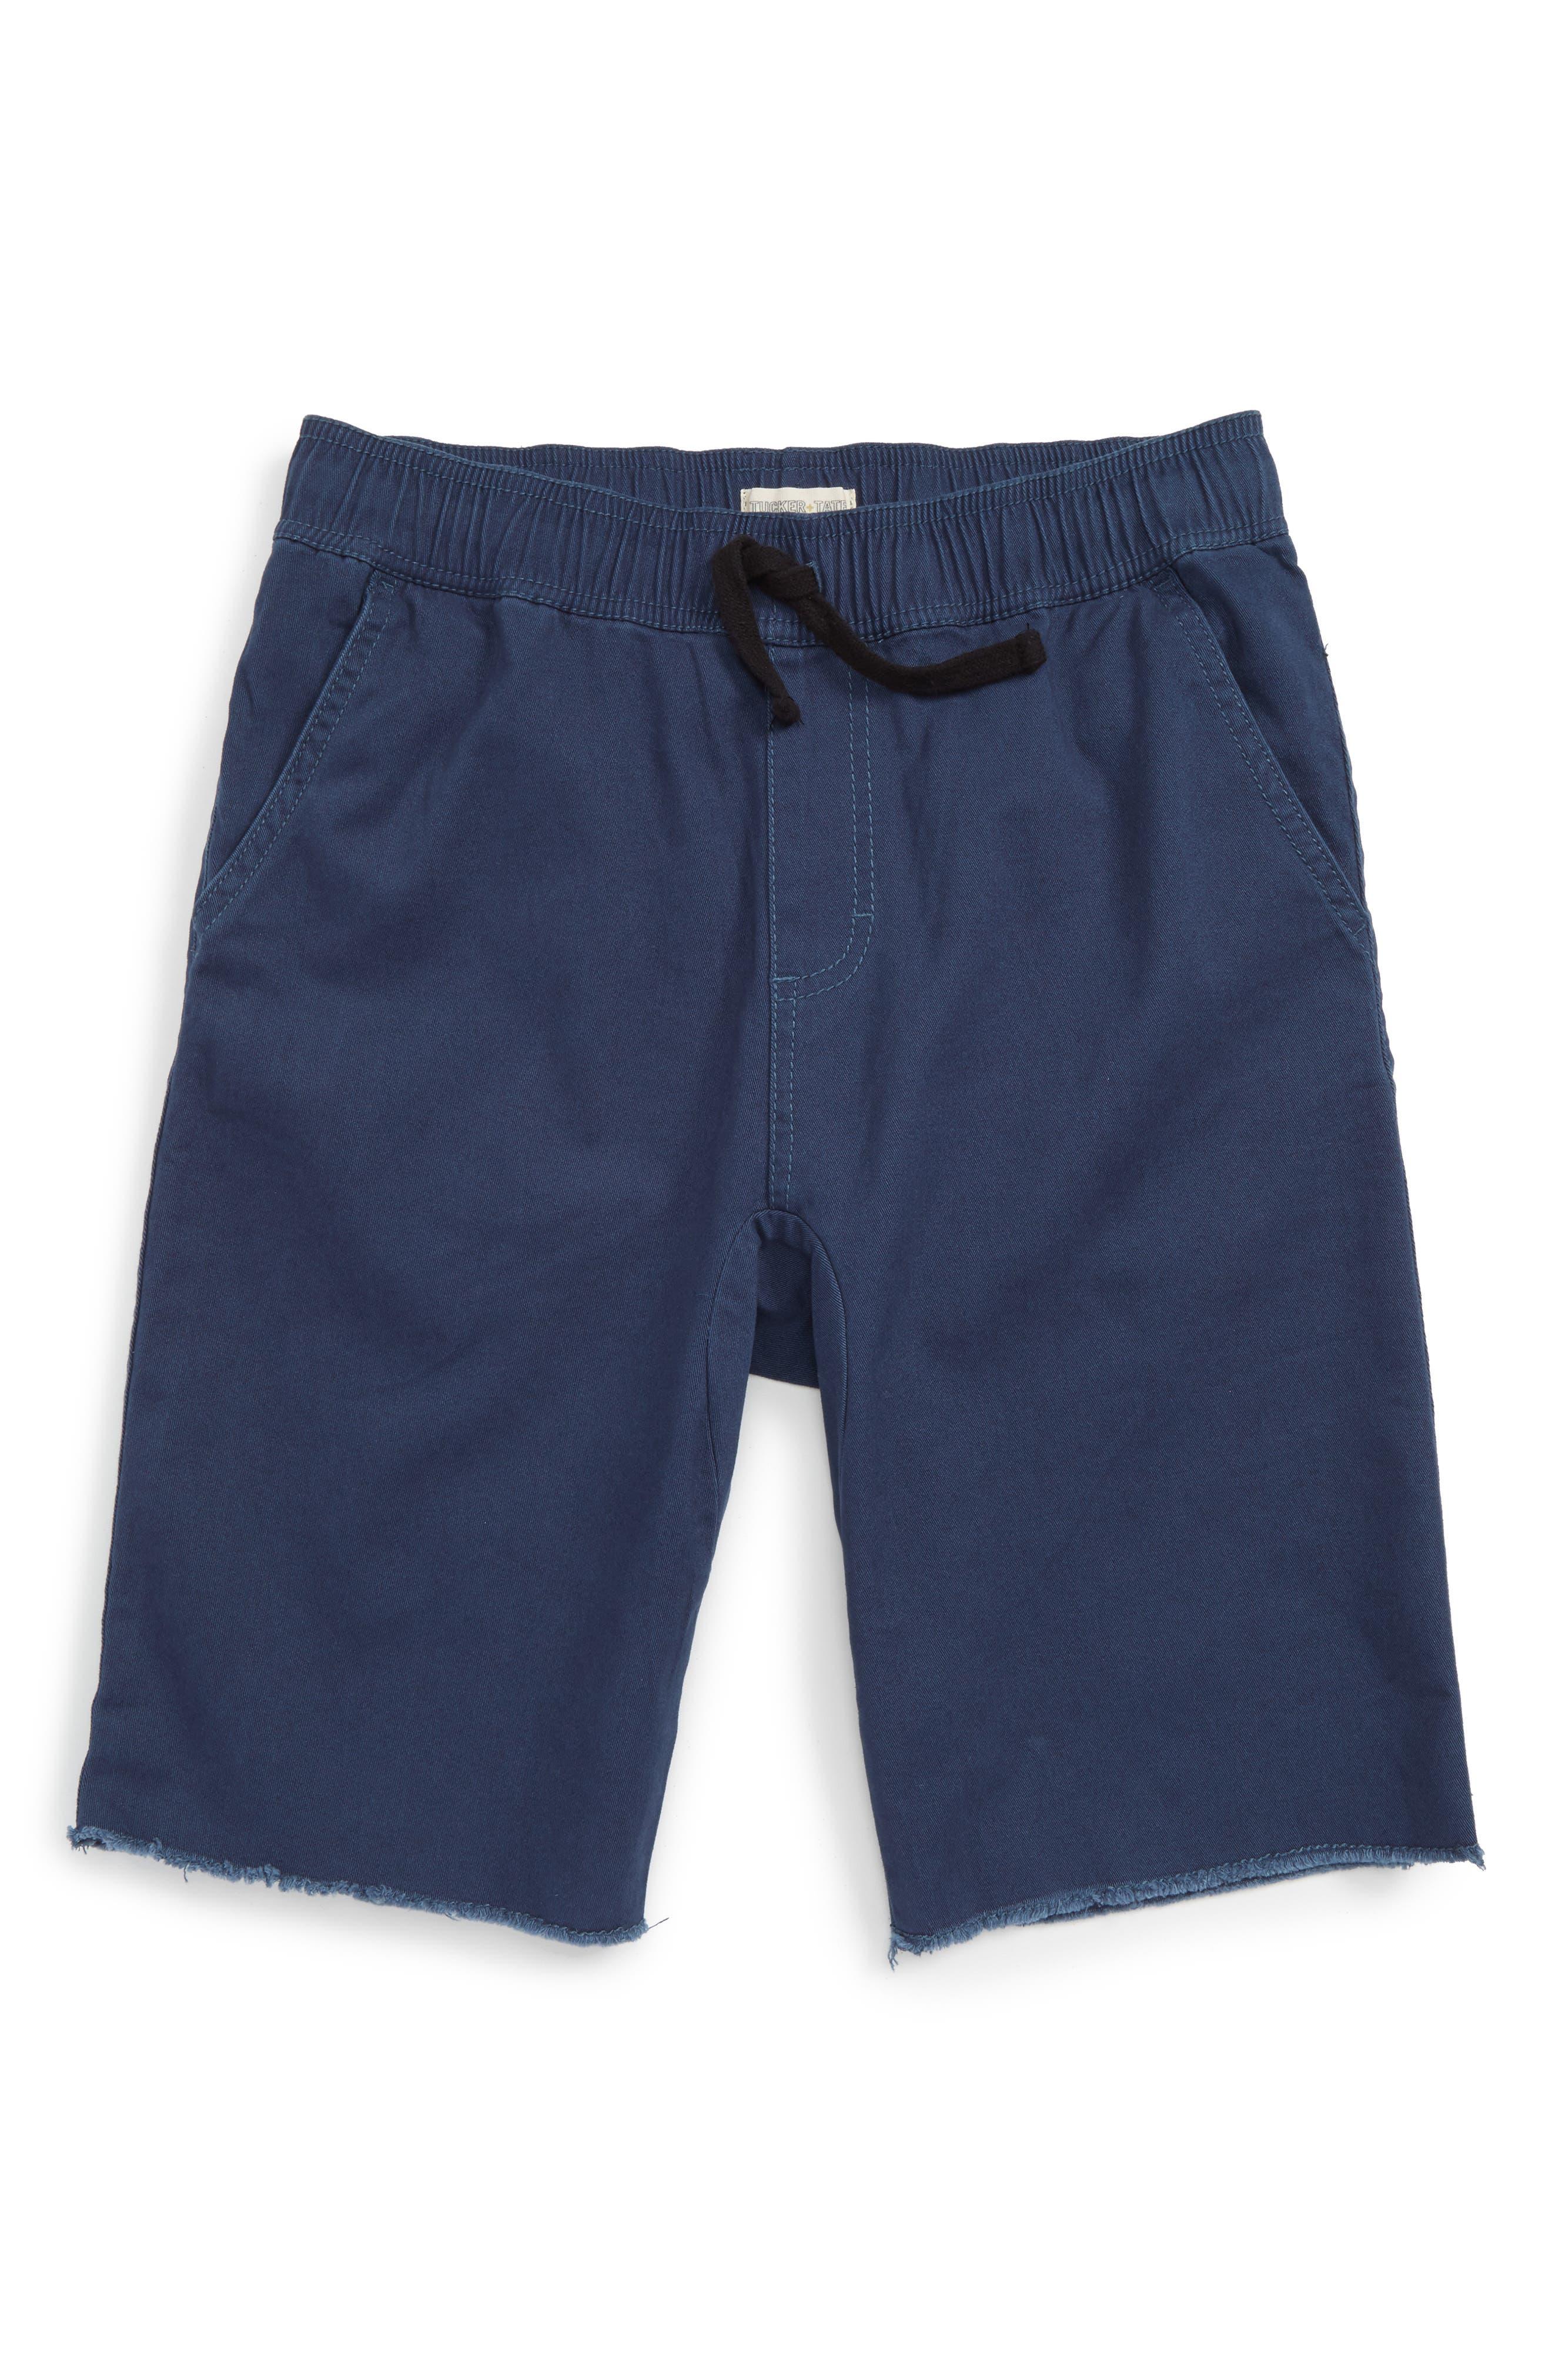 Jogger Shorts,                             Main thumbnail 3, color,